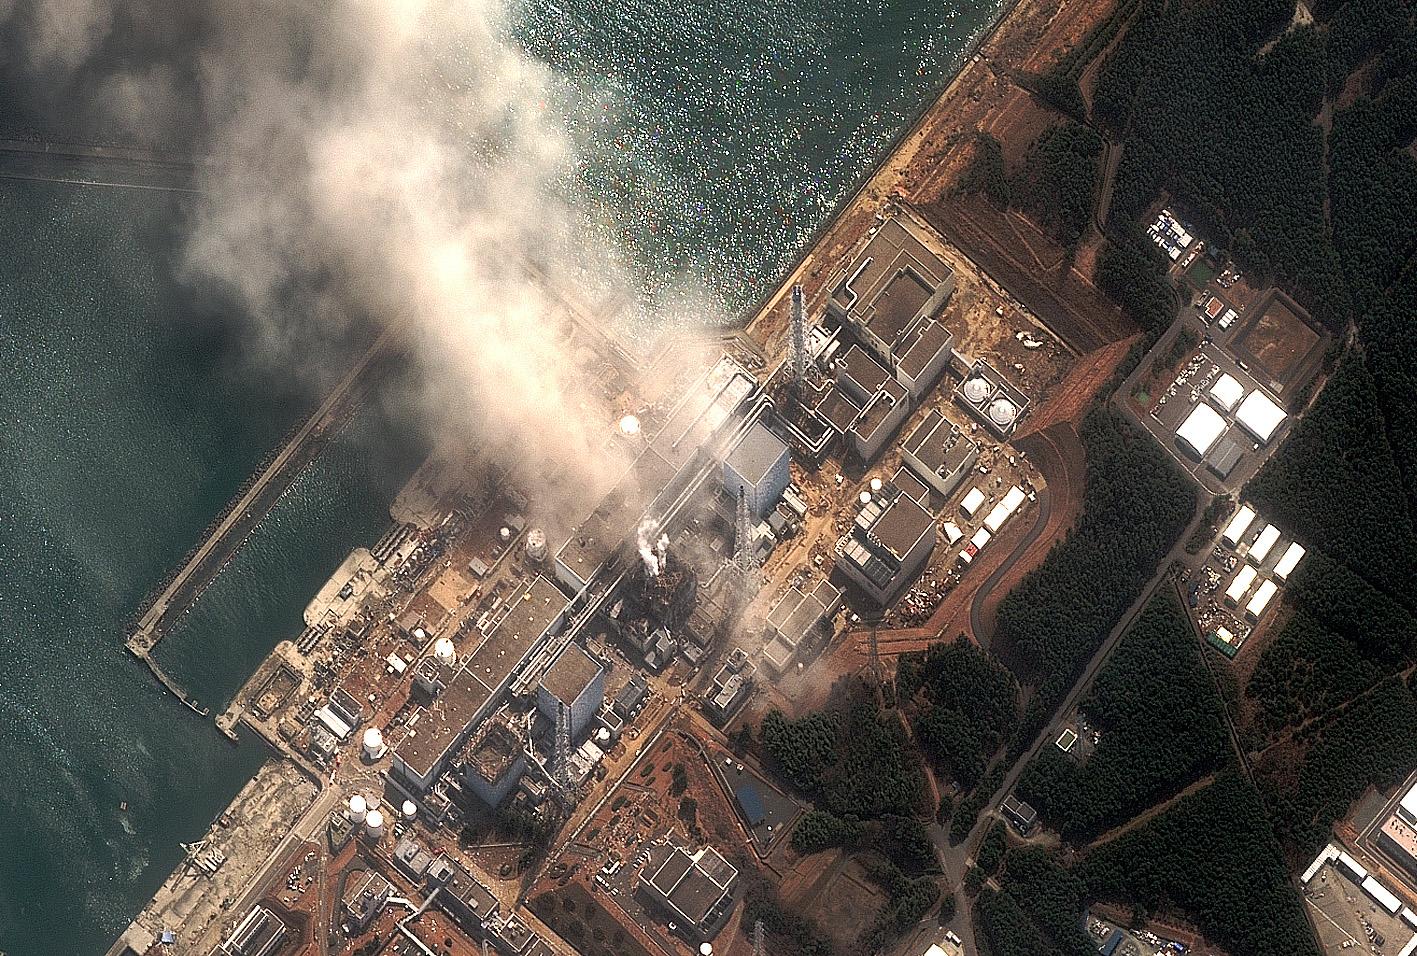 Fukushima: Brennstäbe werden geborgen